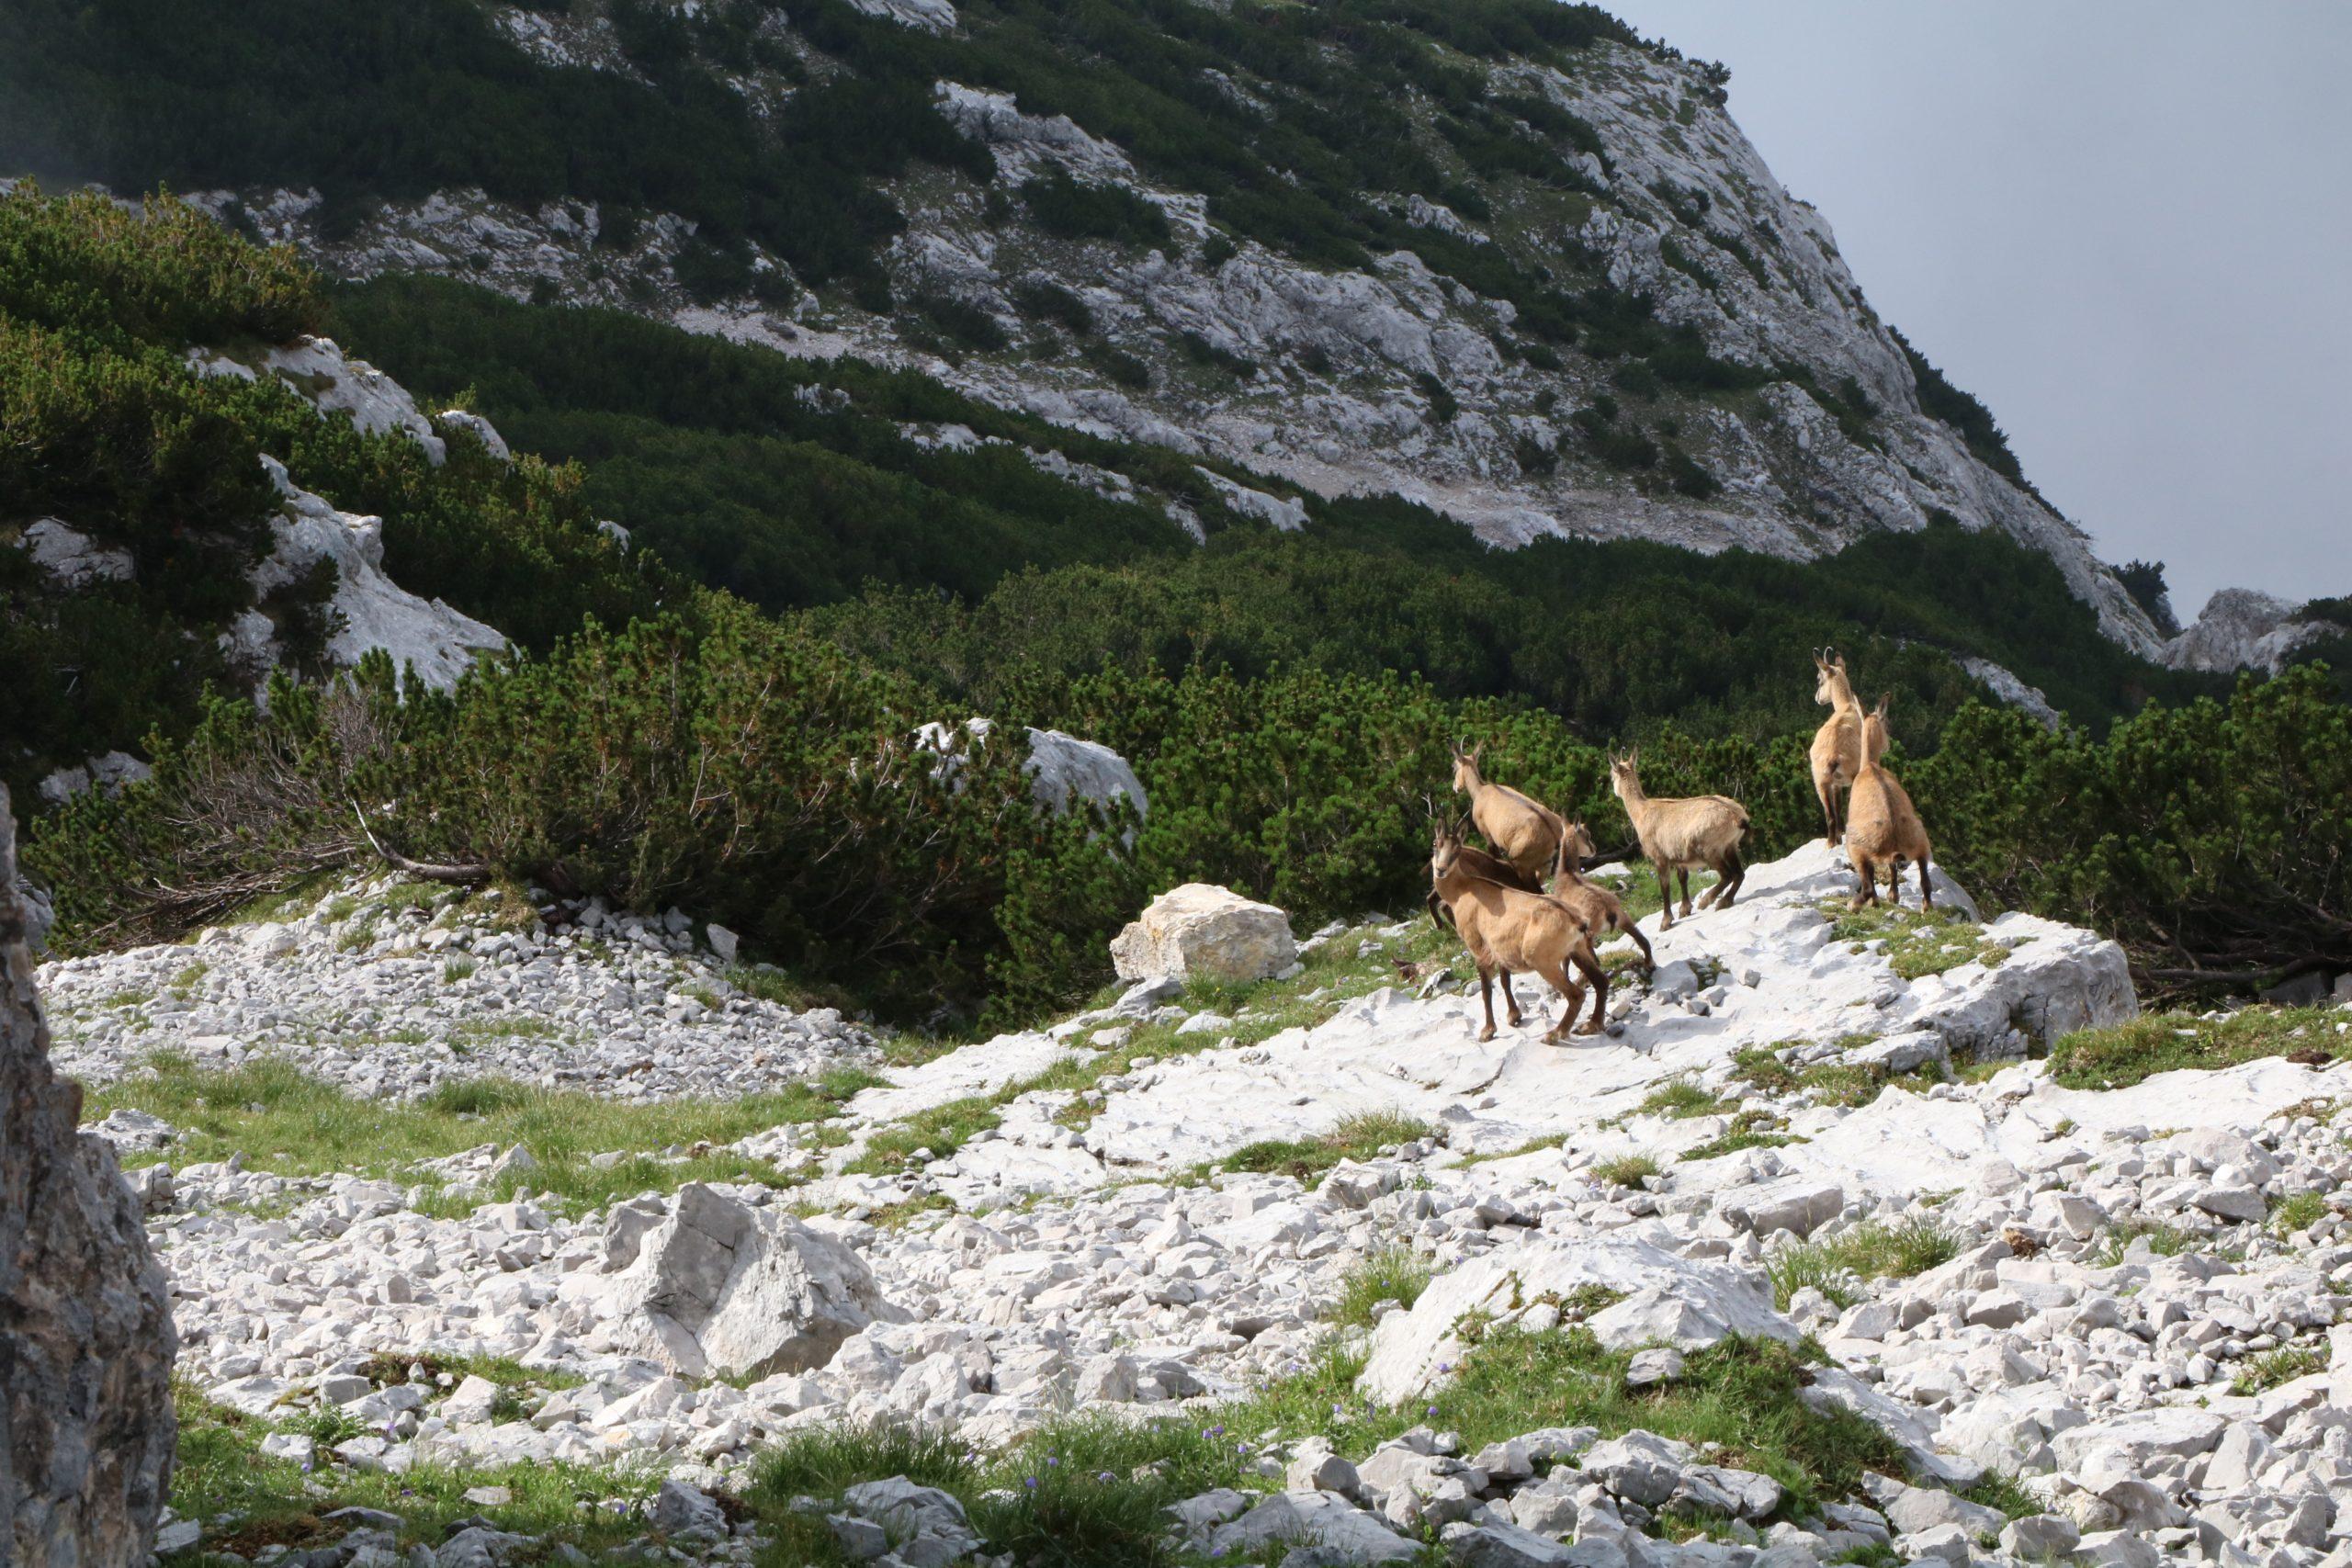 Naturpark des Jahres 2020: Der Naturpark Karwendel